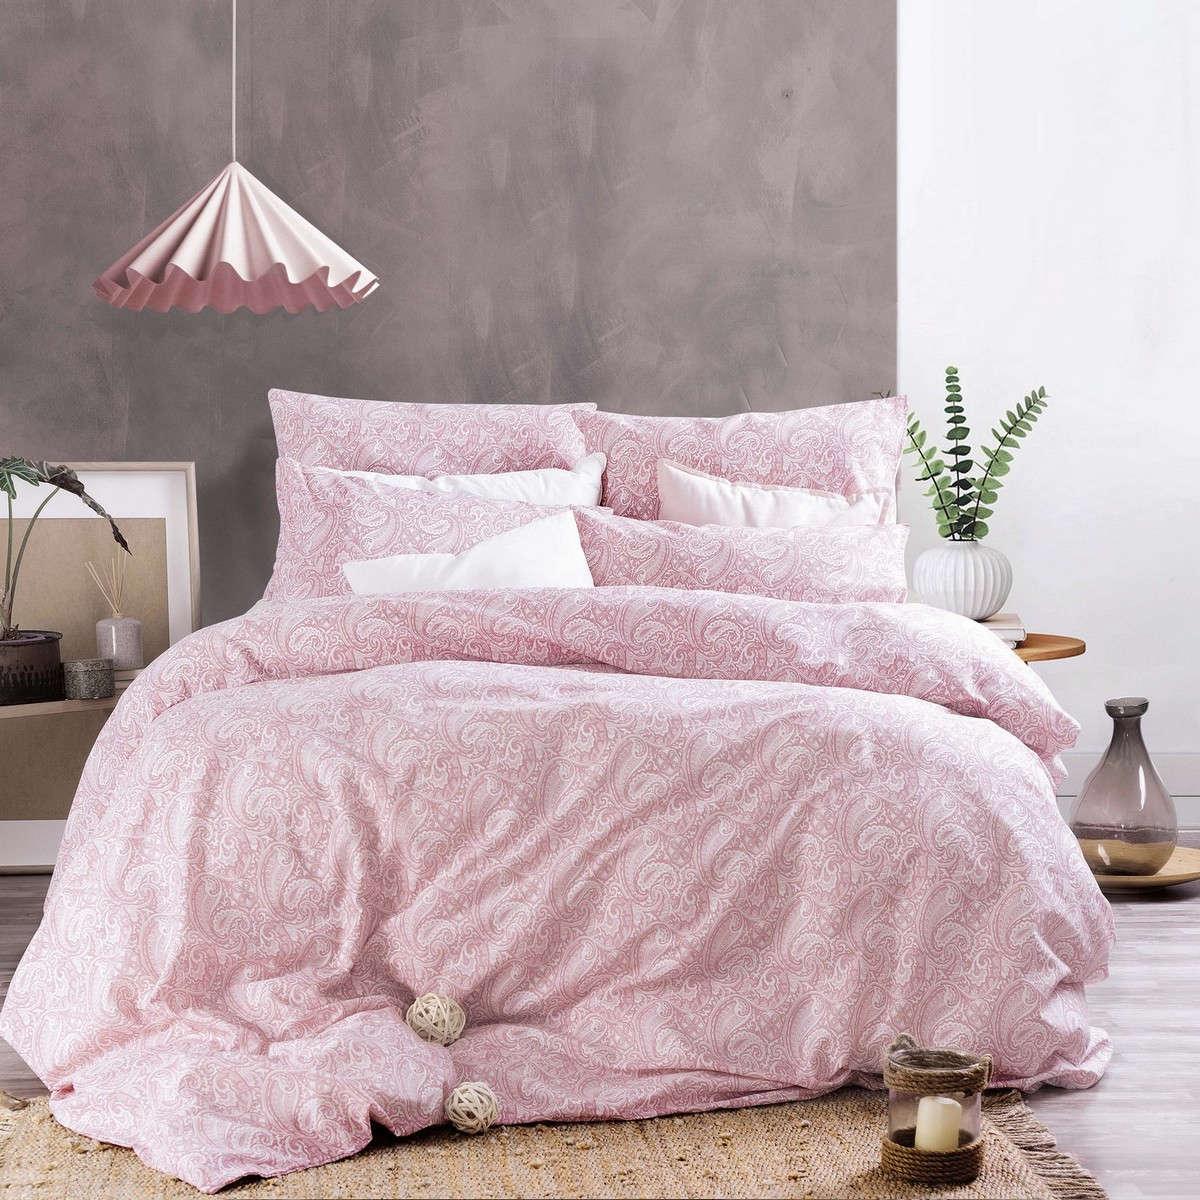 Σεντόνια Σετ 4Τμχ. Next Layla Pink Με Λάστιχο Ρυθμός Υπέρδιπλo 165x230cm